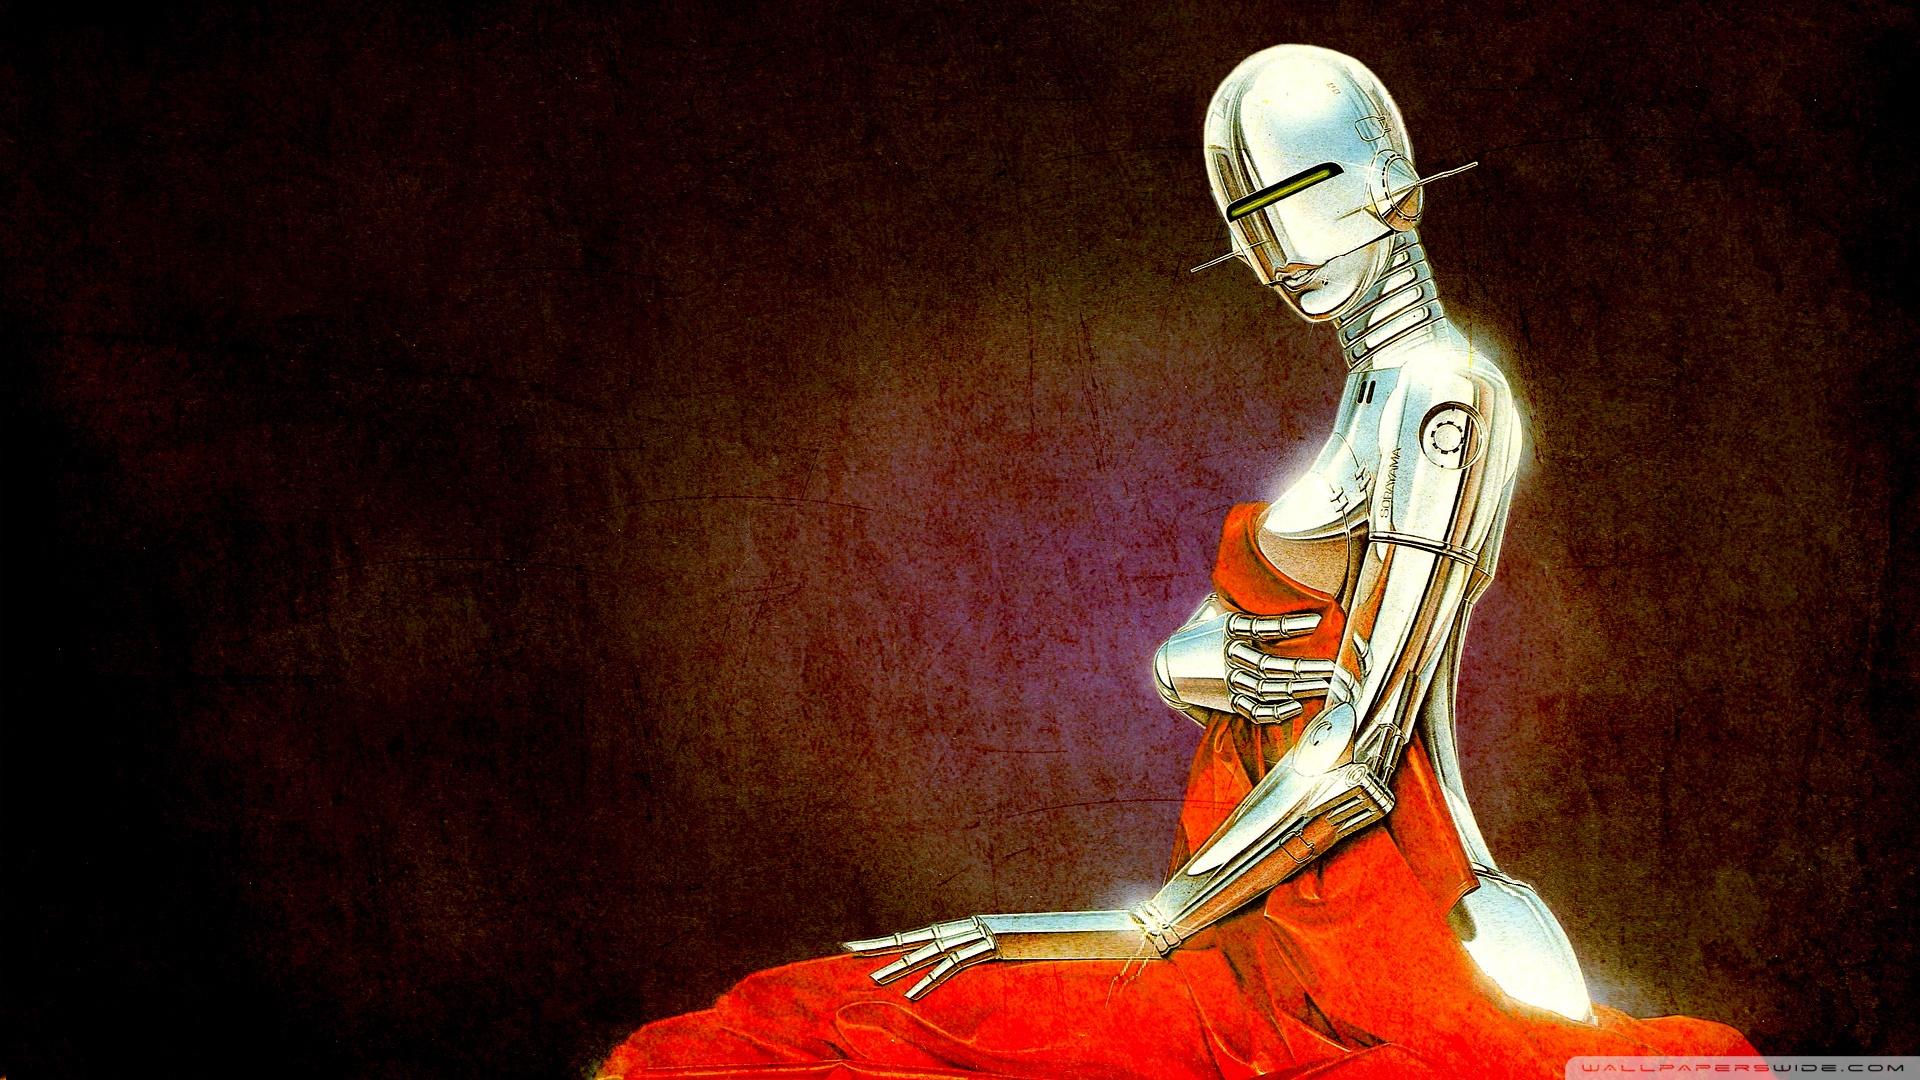 Robot Vintage Illustration Wallpaper 1920x1080 Robot Vintage 1920x1080